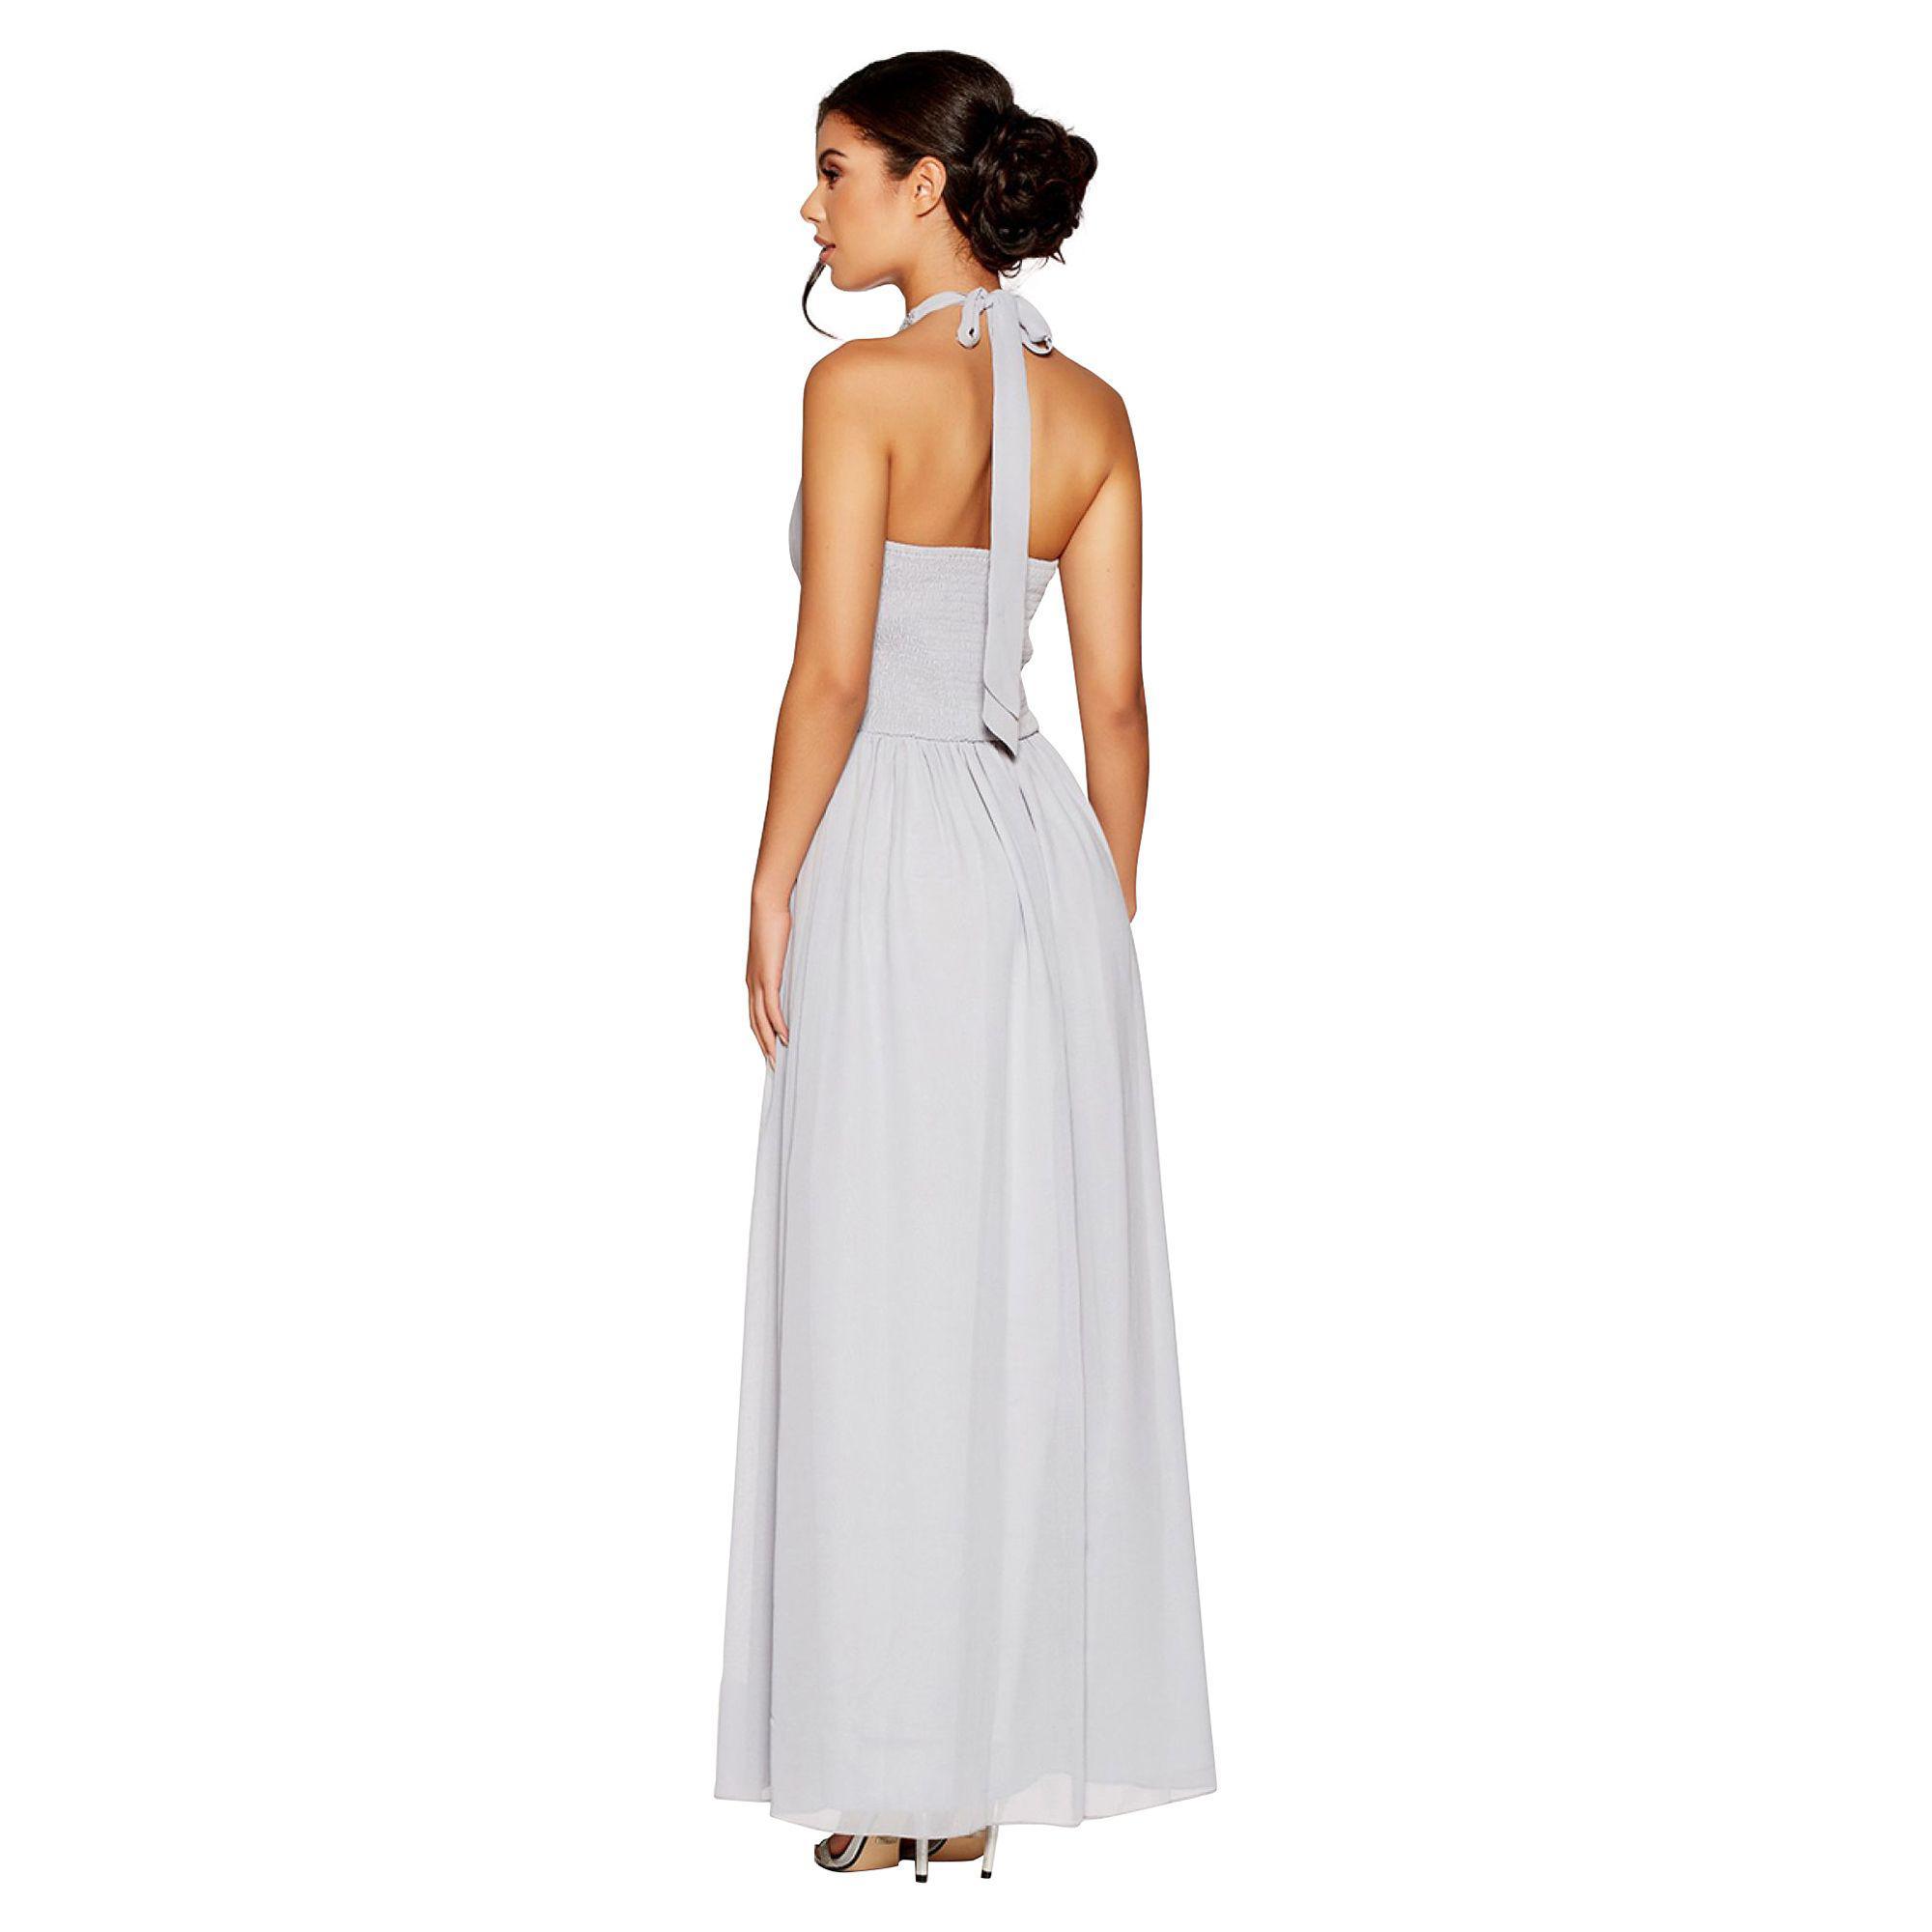 c7331a872a Quiz Grey Chiffon Embellished Keyhole Maxi Dress in Gray - Lyst